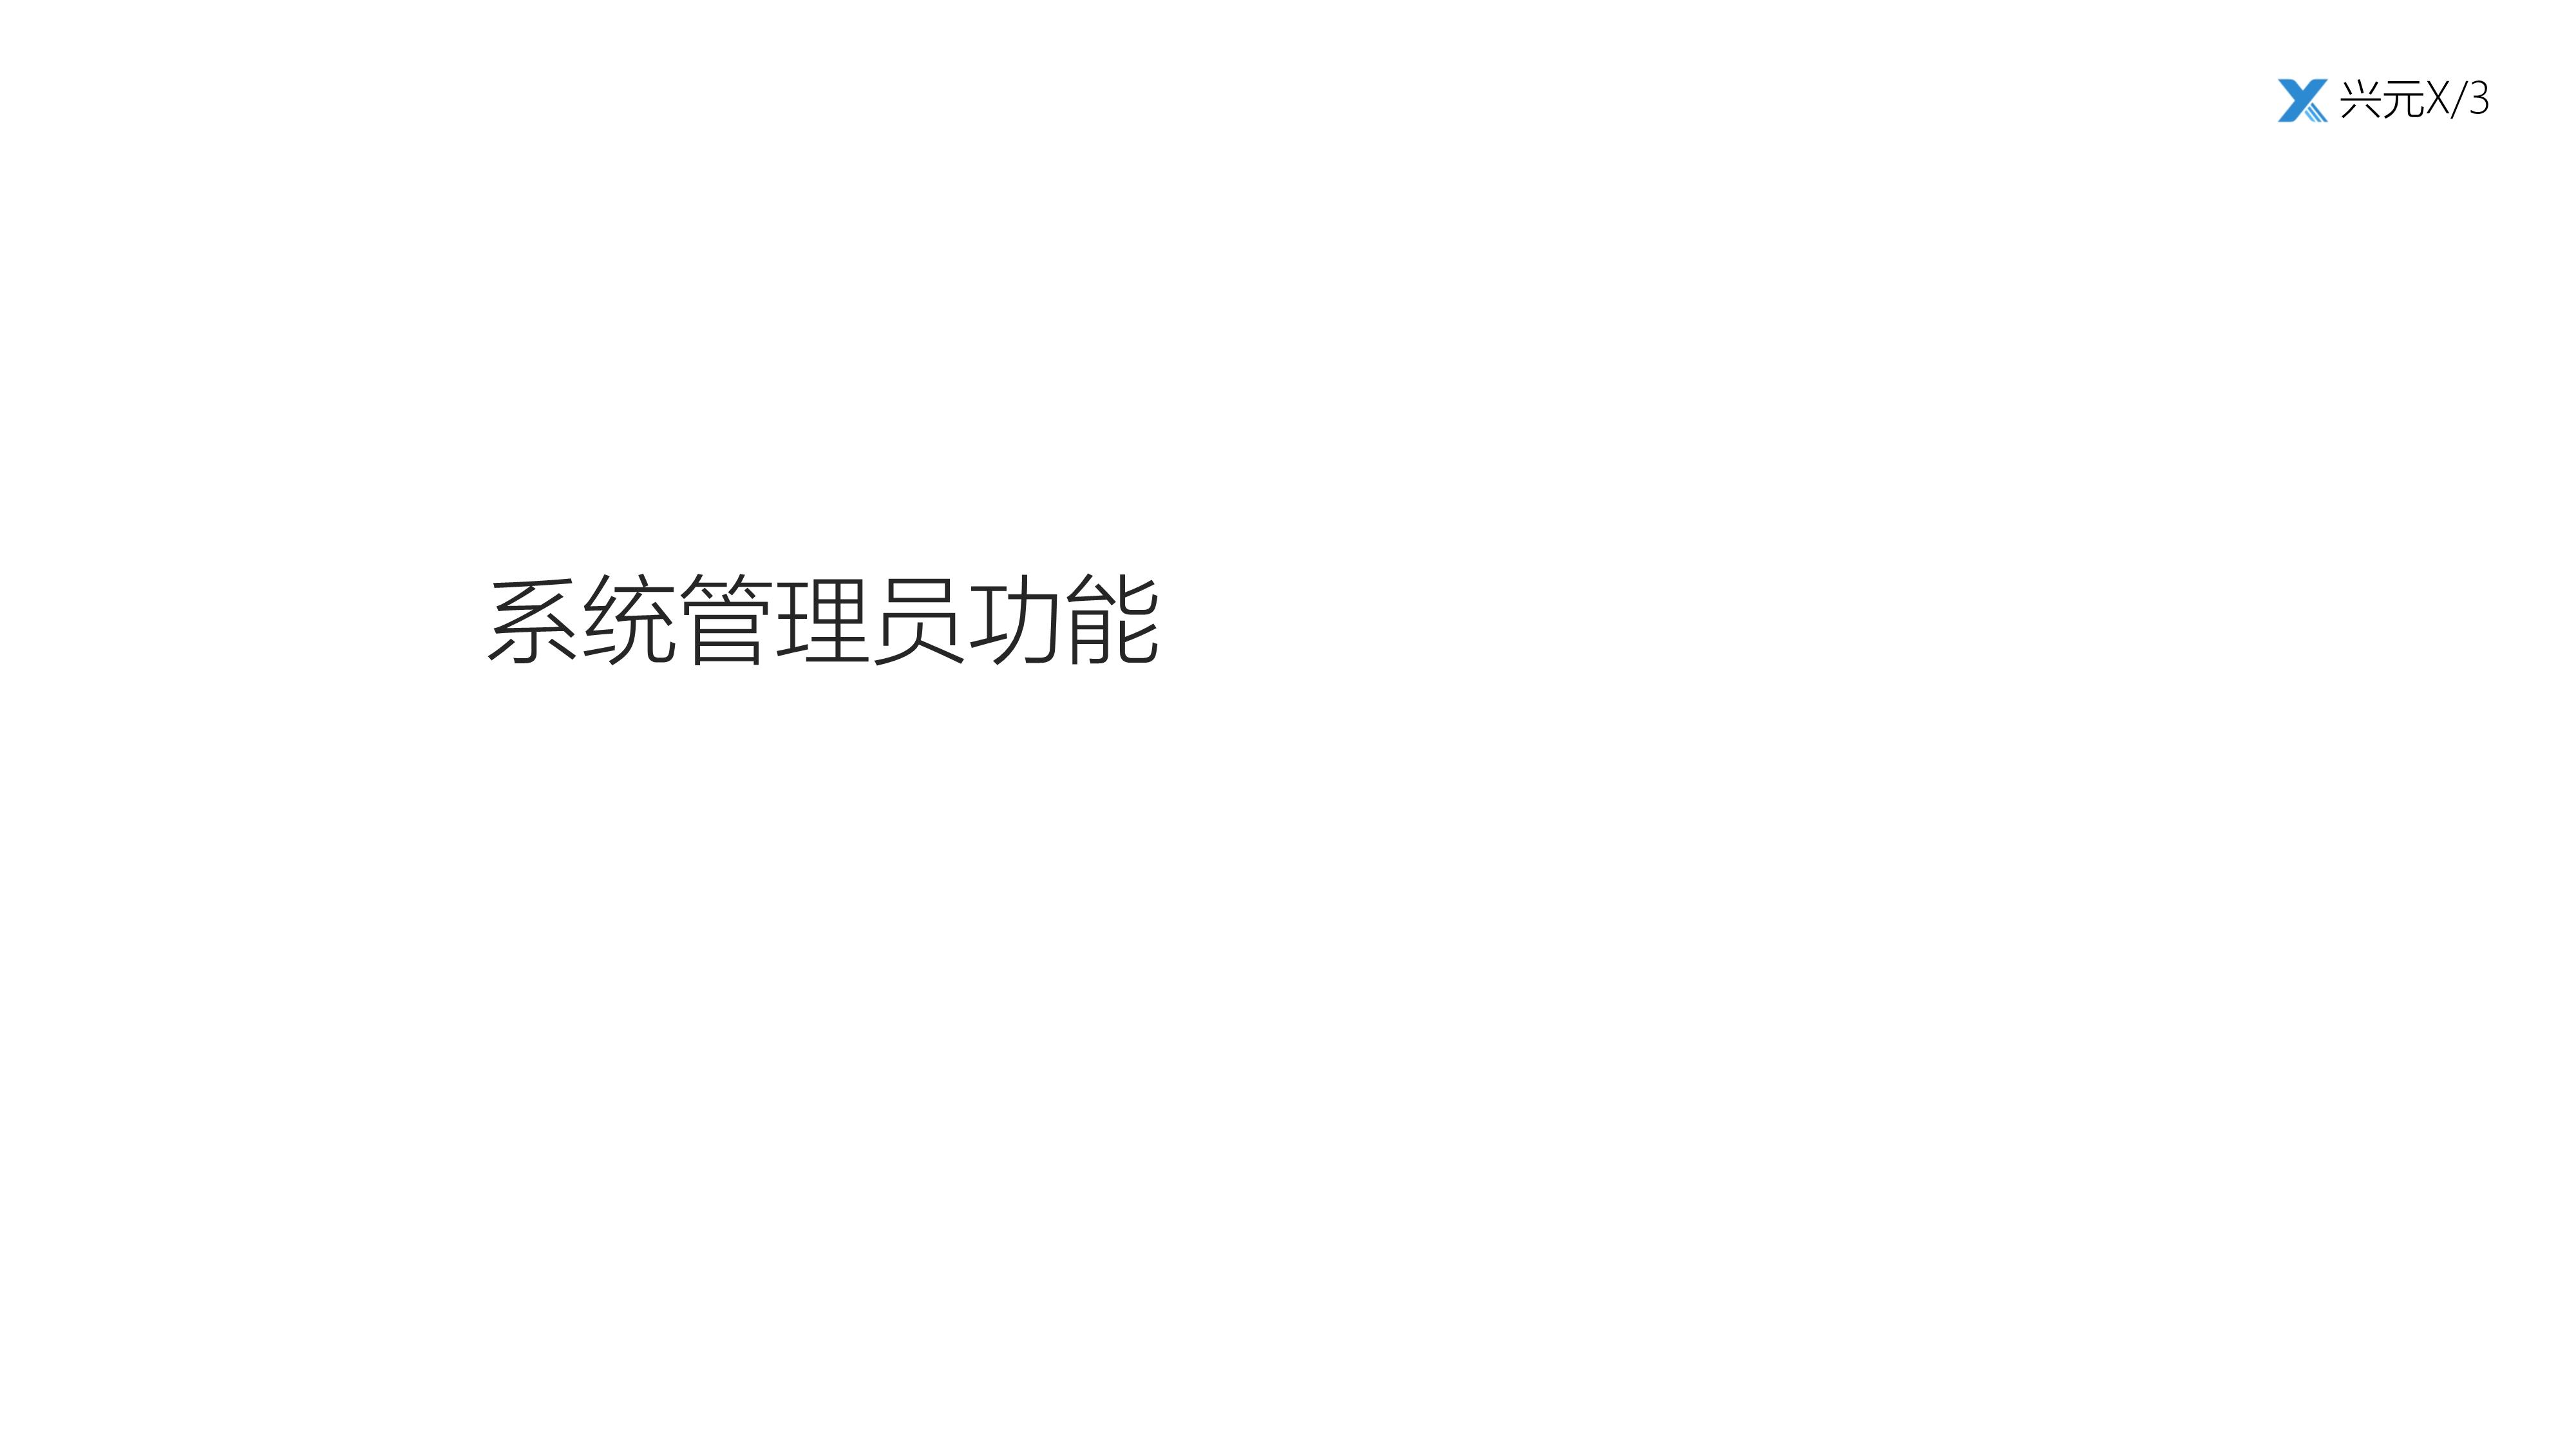 011809420157_0兴元移动协同办公_19.Jpeg